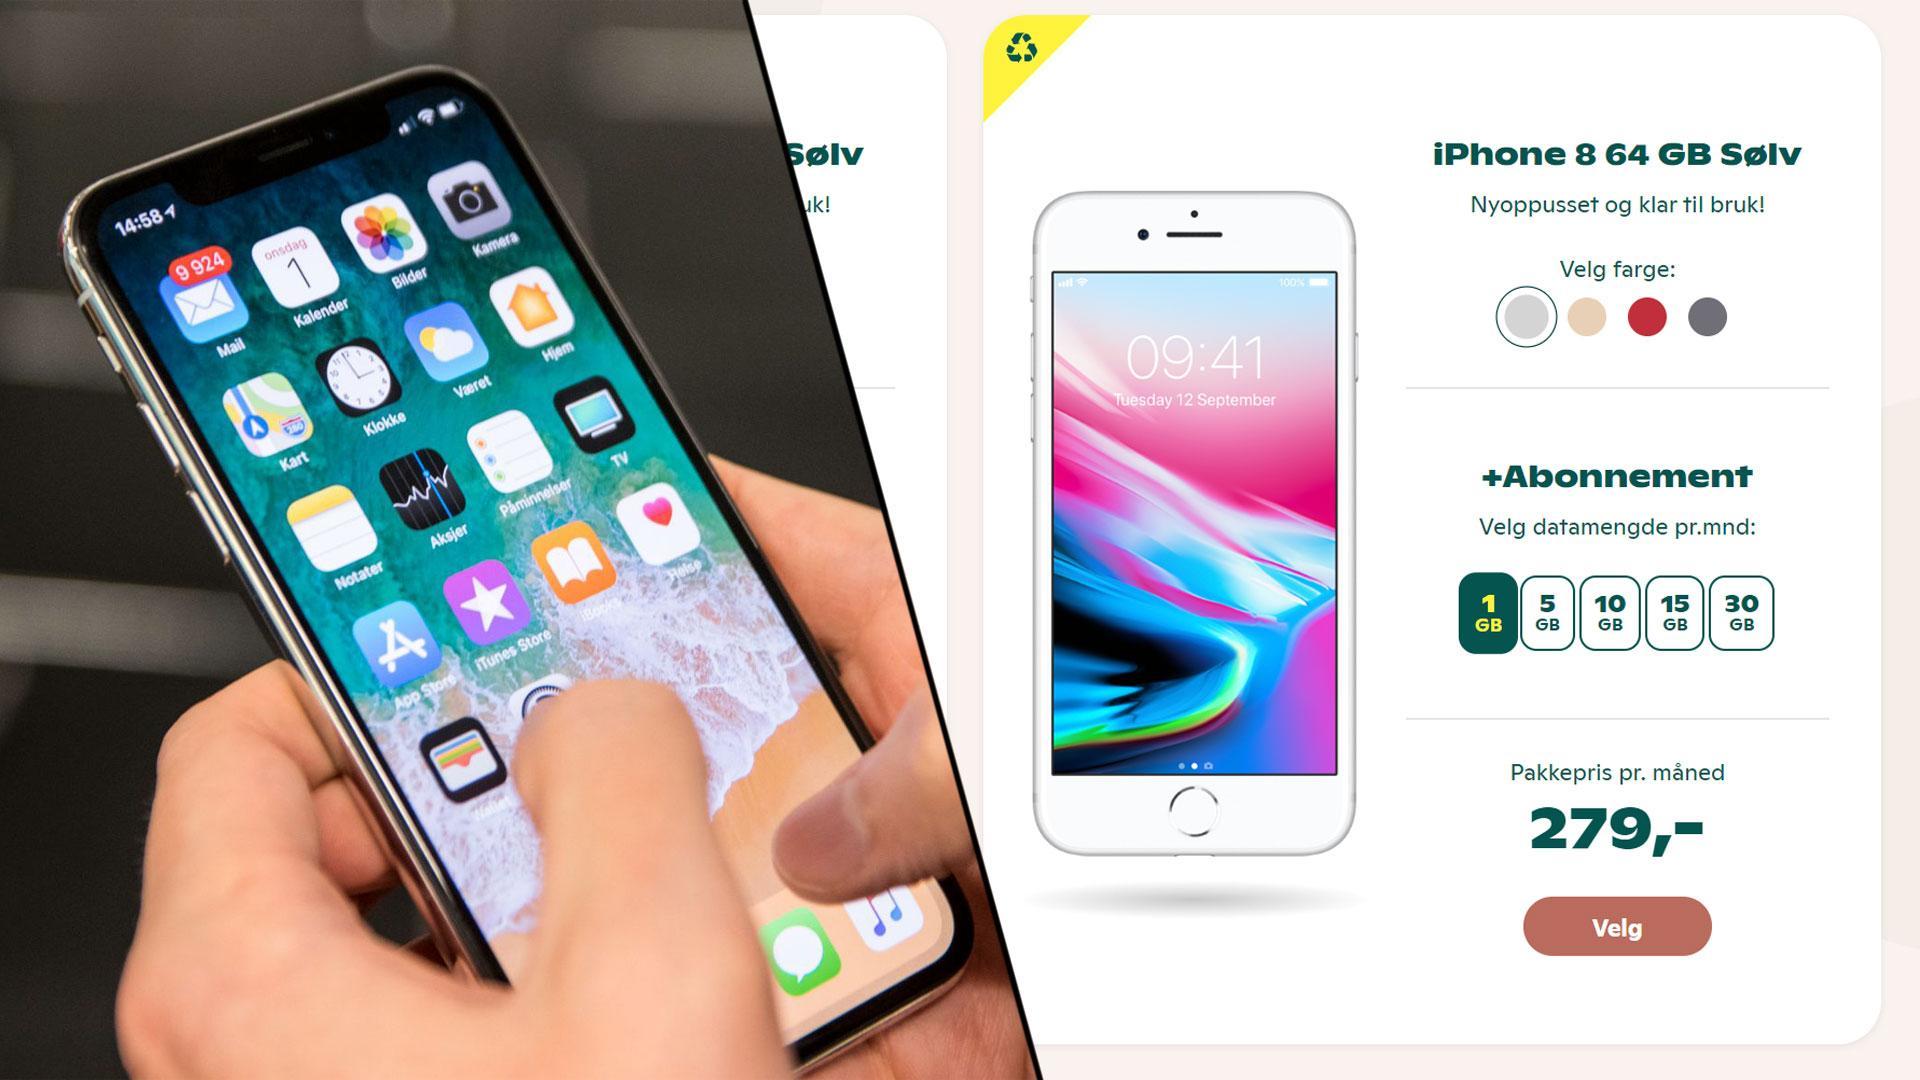 Nytt mobilselskap med svært uvanlig abonnementsmodell